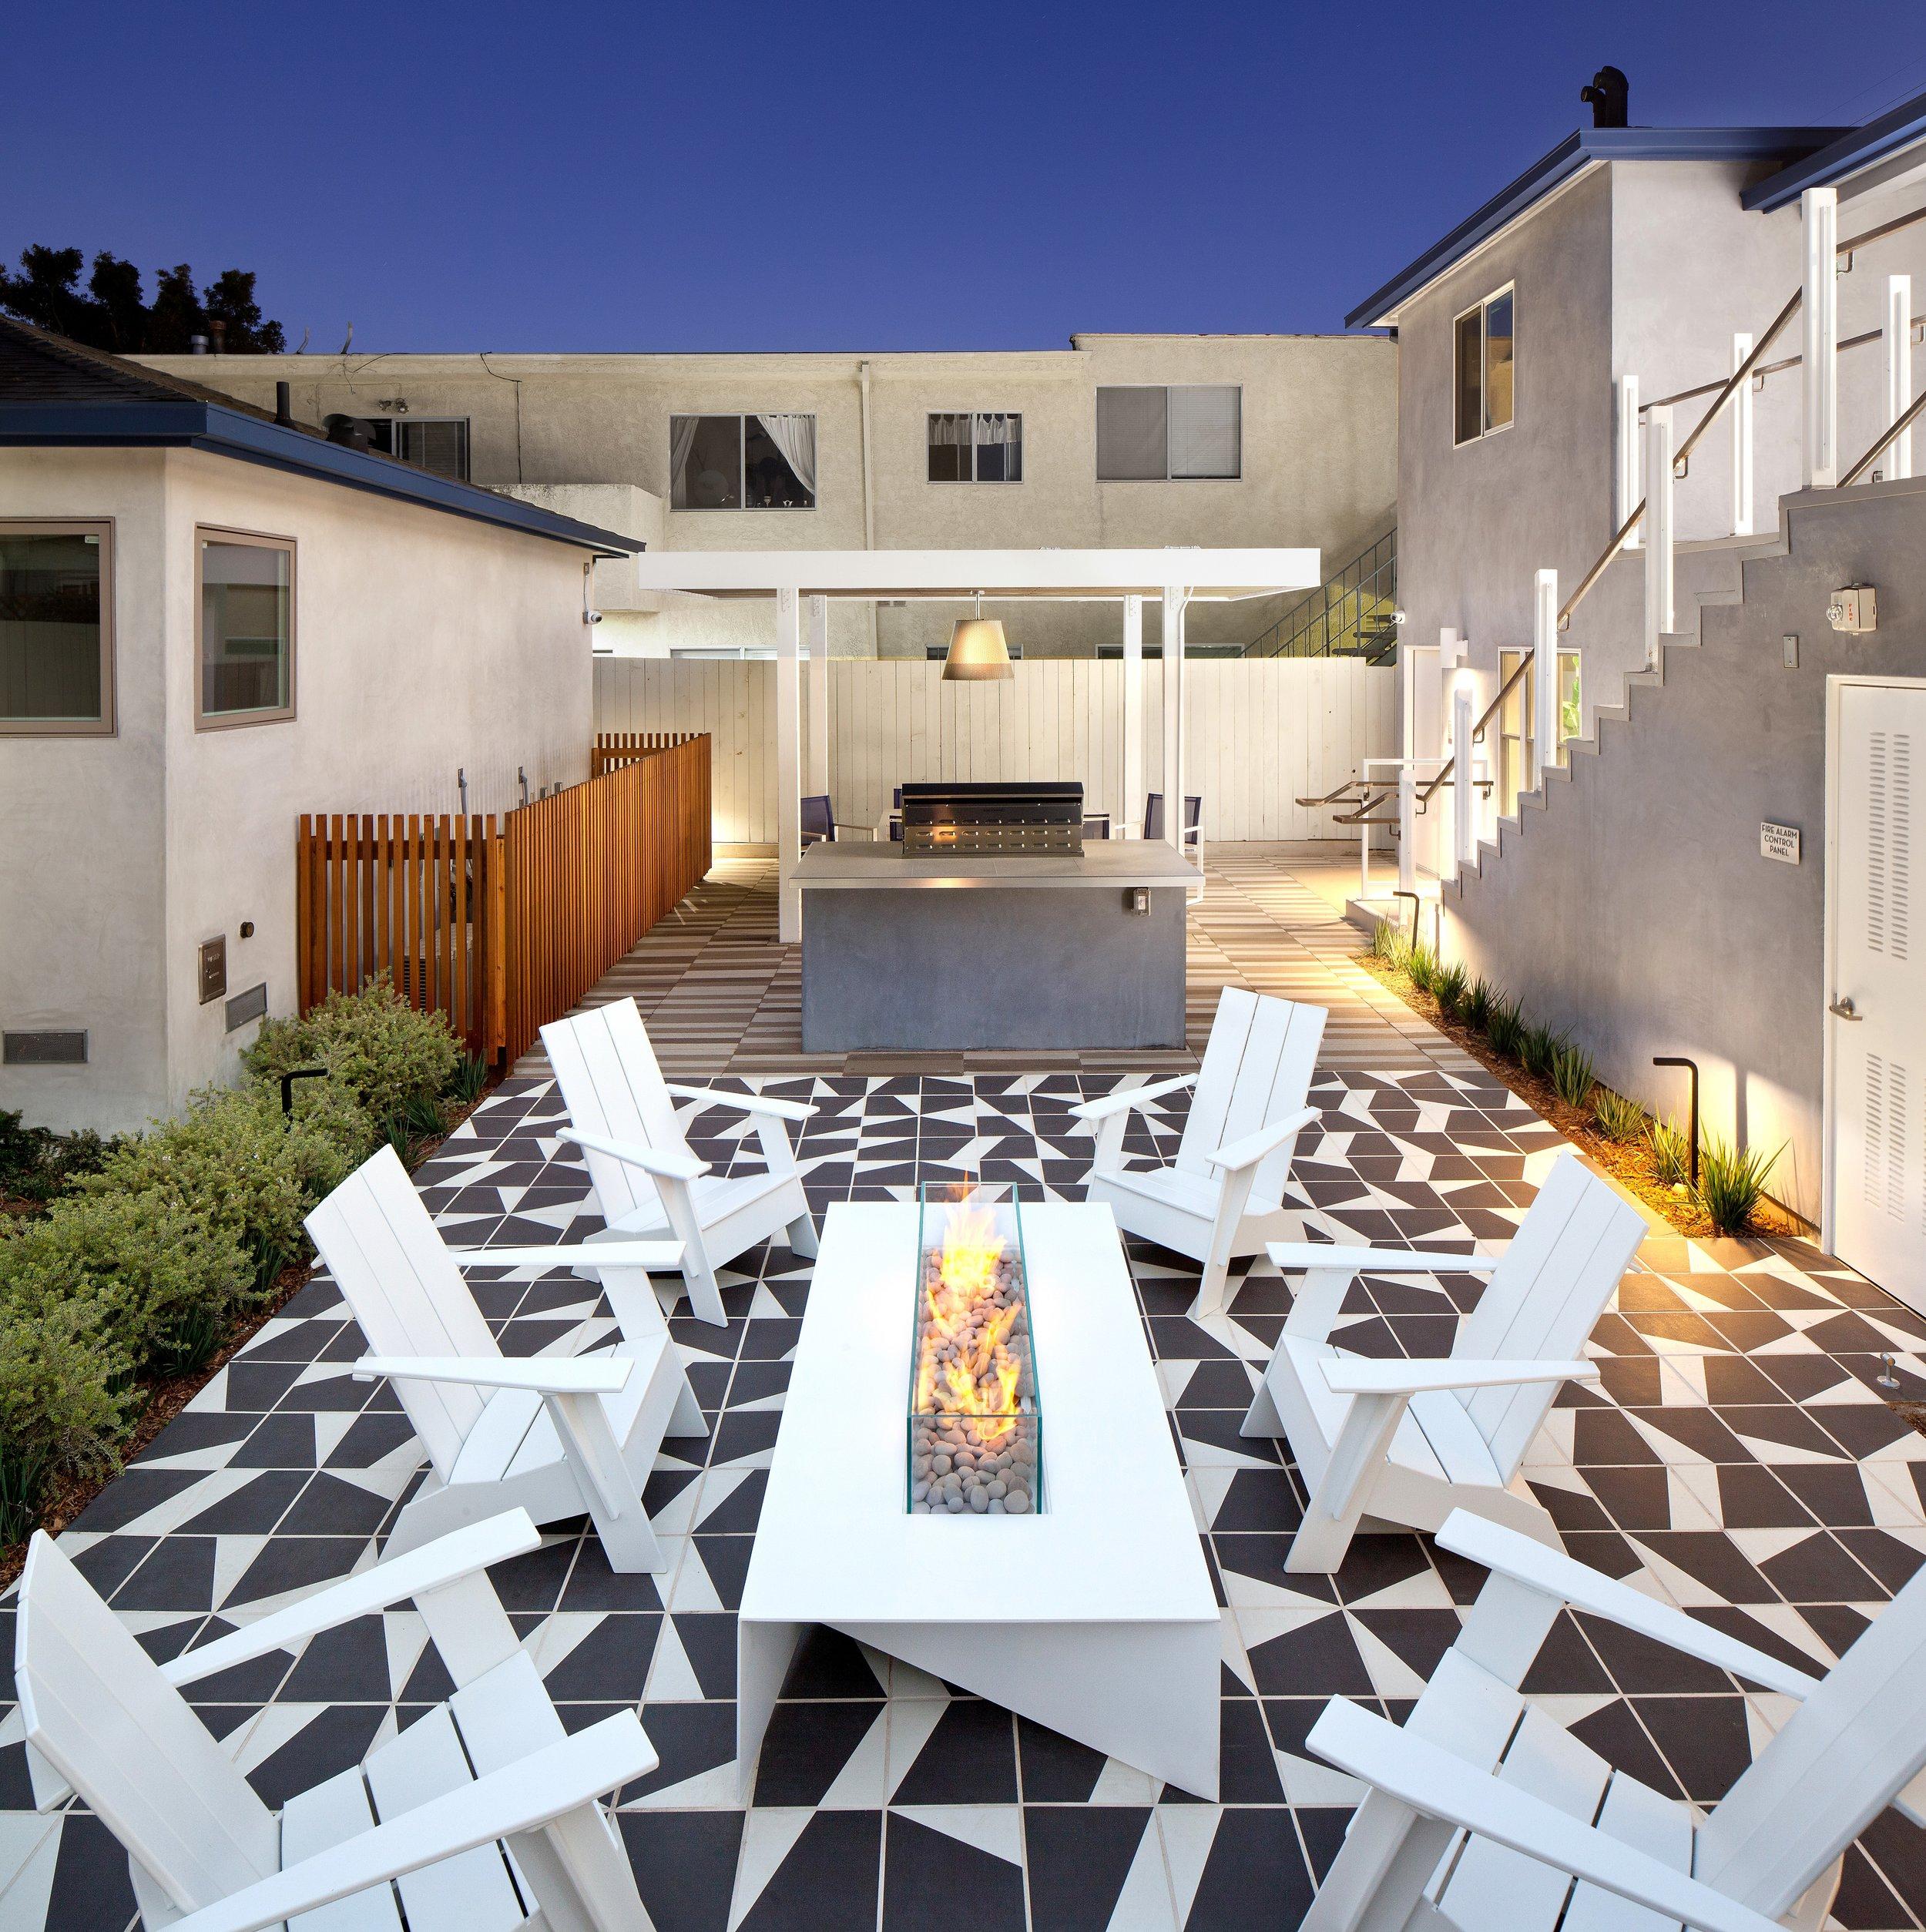 02 - Courtyard1.jpg